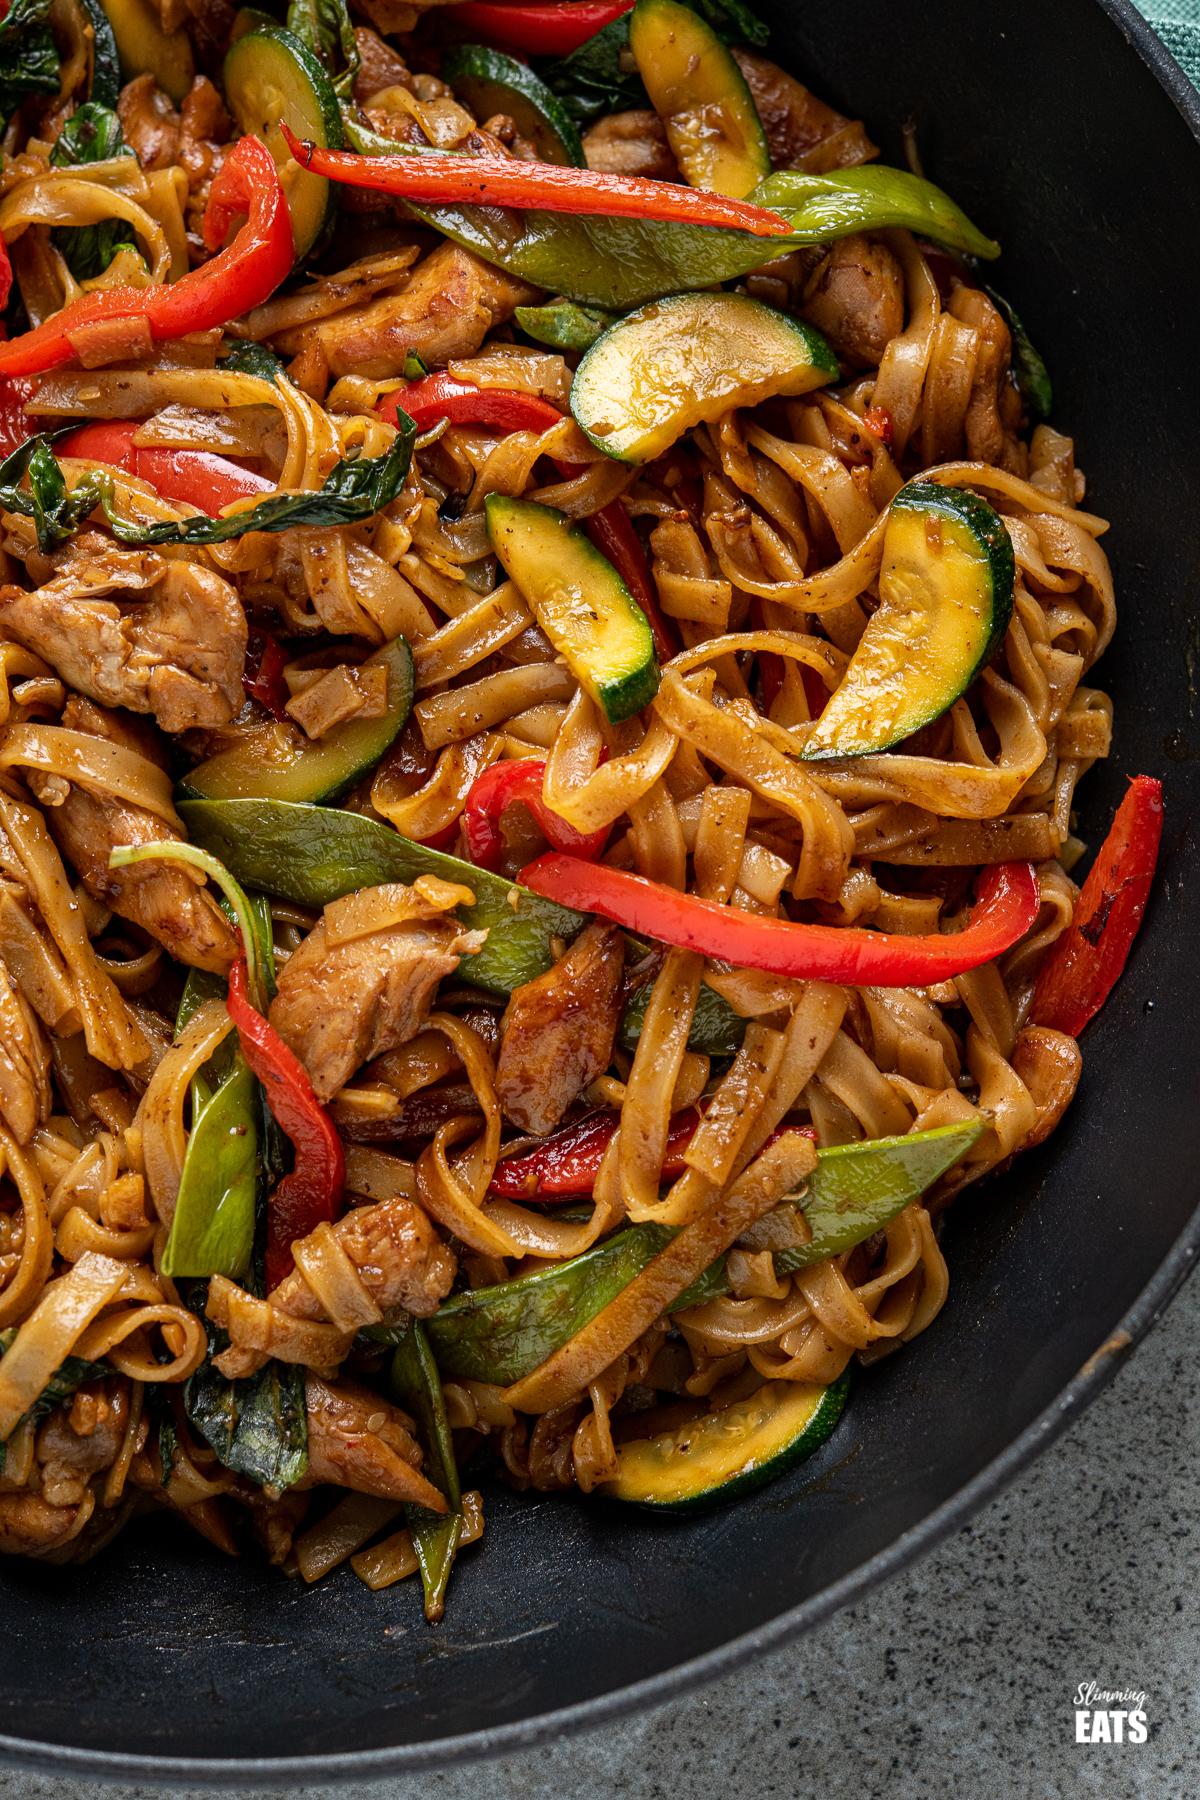 酒醉的面条-鸡肉,蔬菜和米粉在一个黑色的平底锅辛辣可口的酱汁